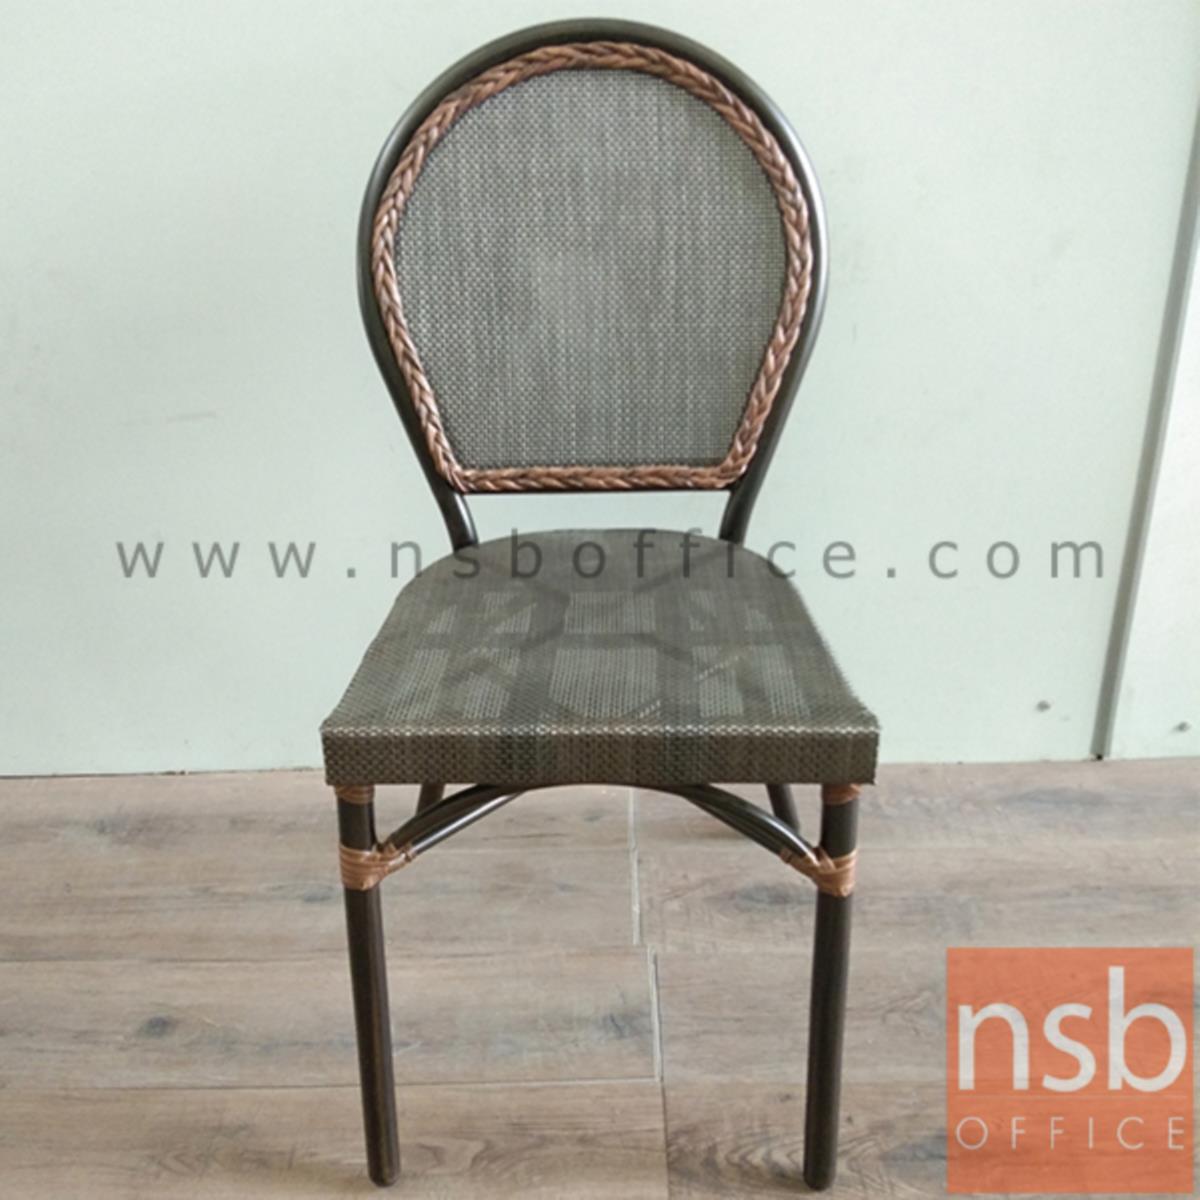 เก้าอี้สนามหวายเทียมสาน โครงเหล็ก รุ่น Hypnotic ไม่มีท้าวแขน ผลิตสีน้ำตาล